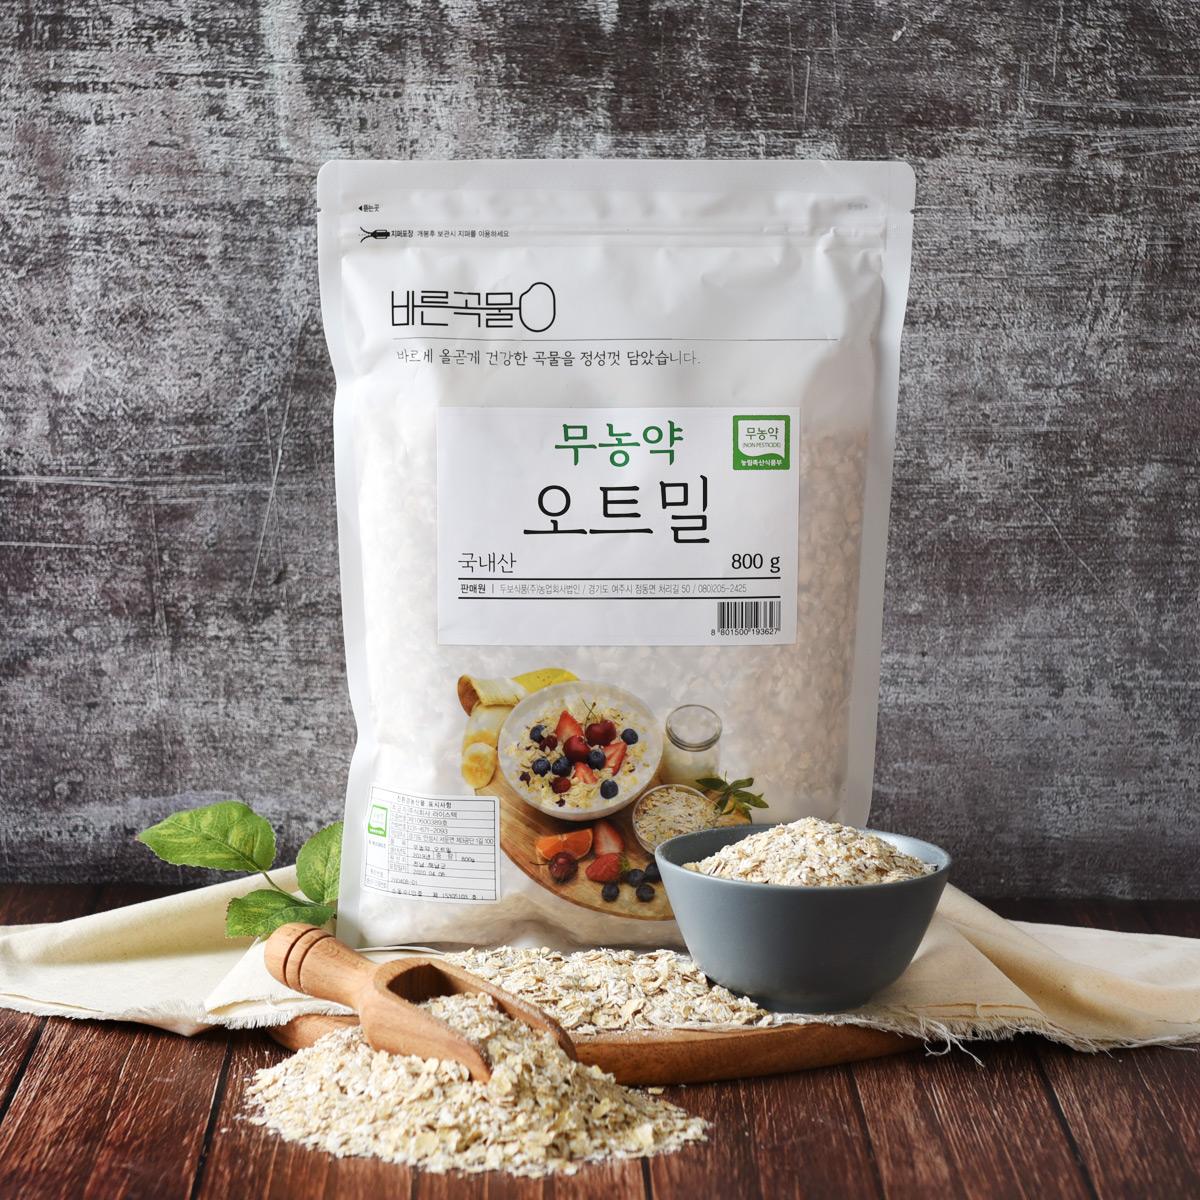 바른곡물 국내산 무농약 오트밀, 800g, 1개